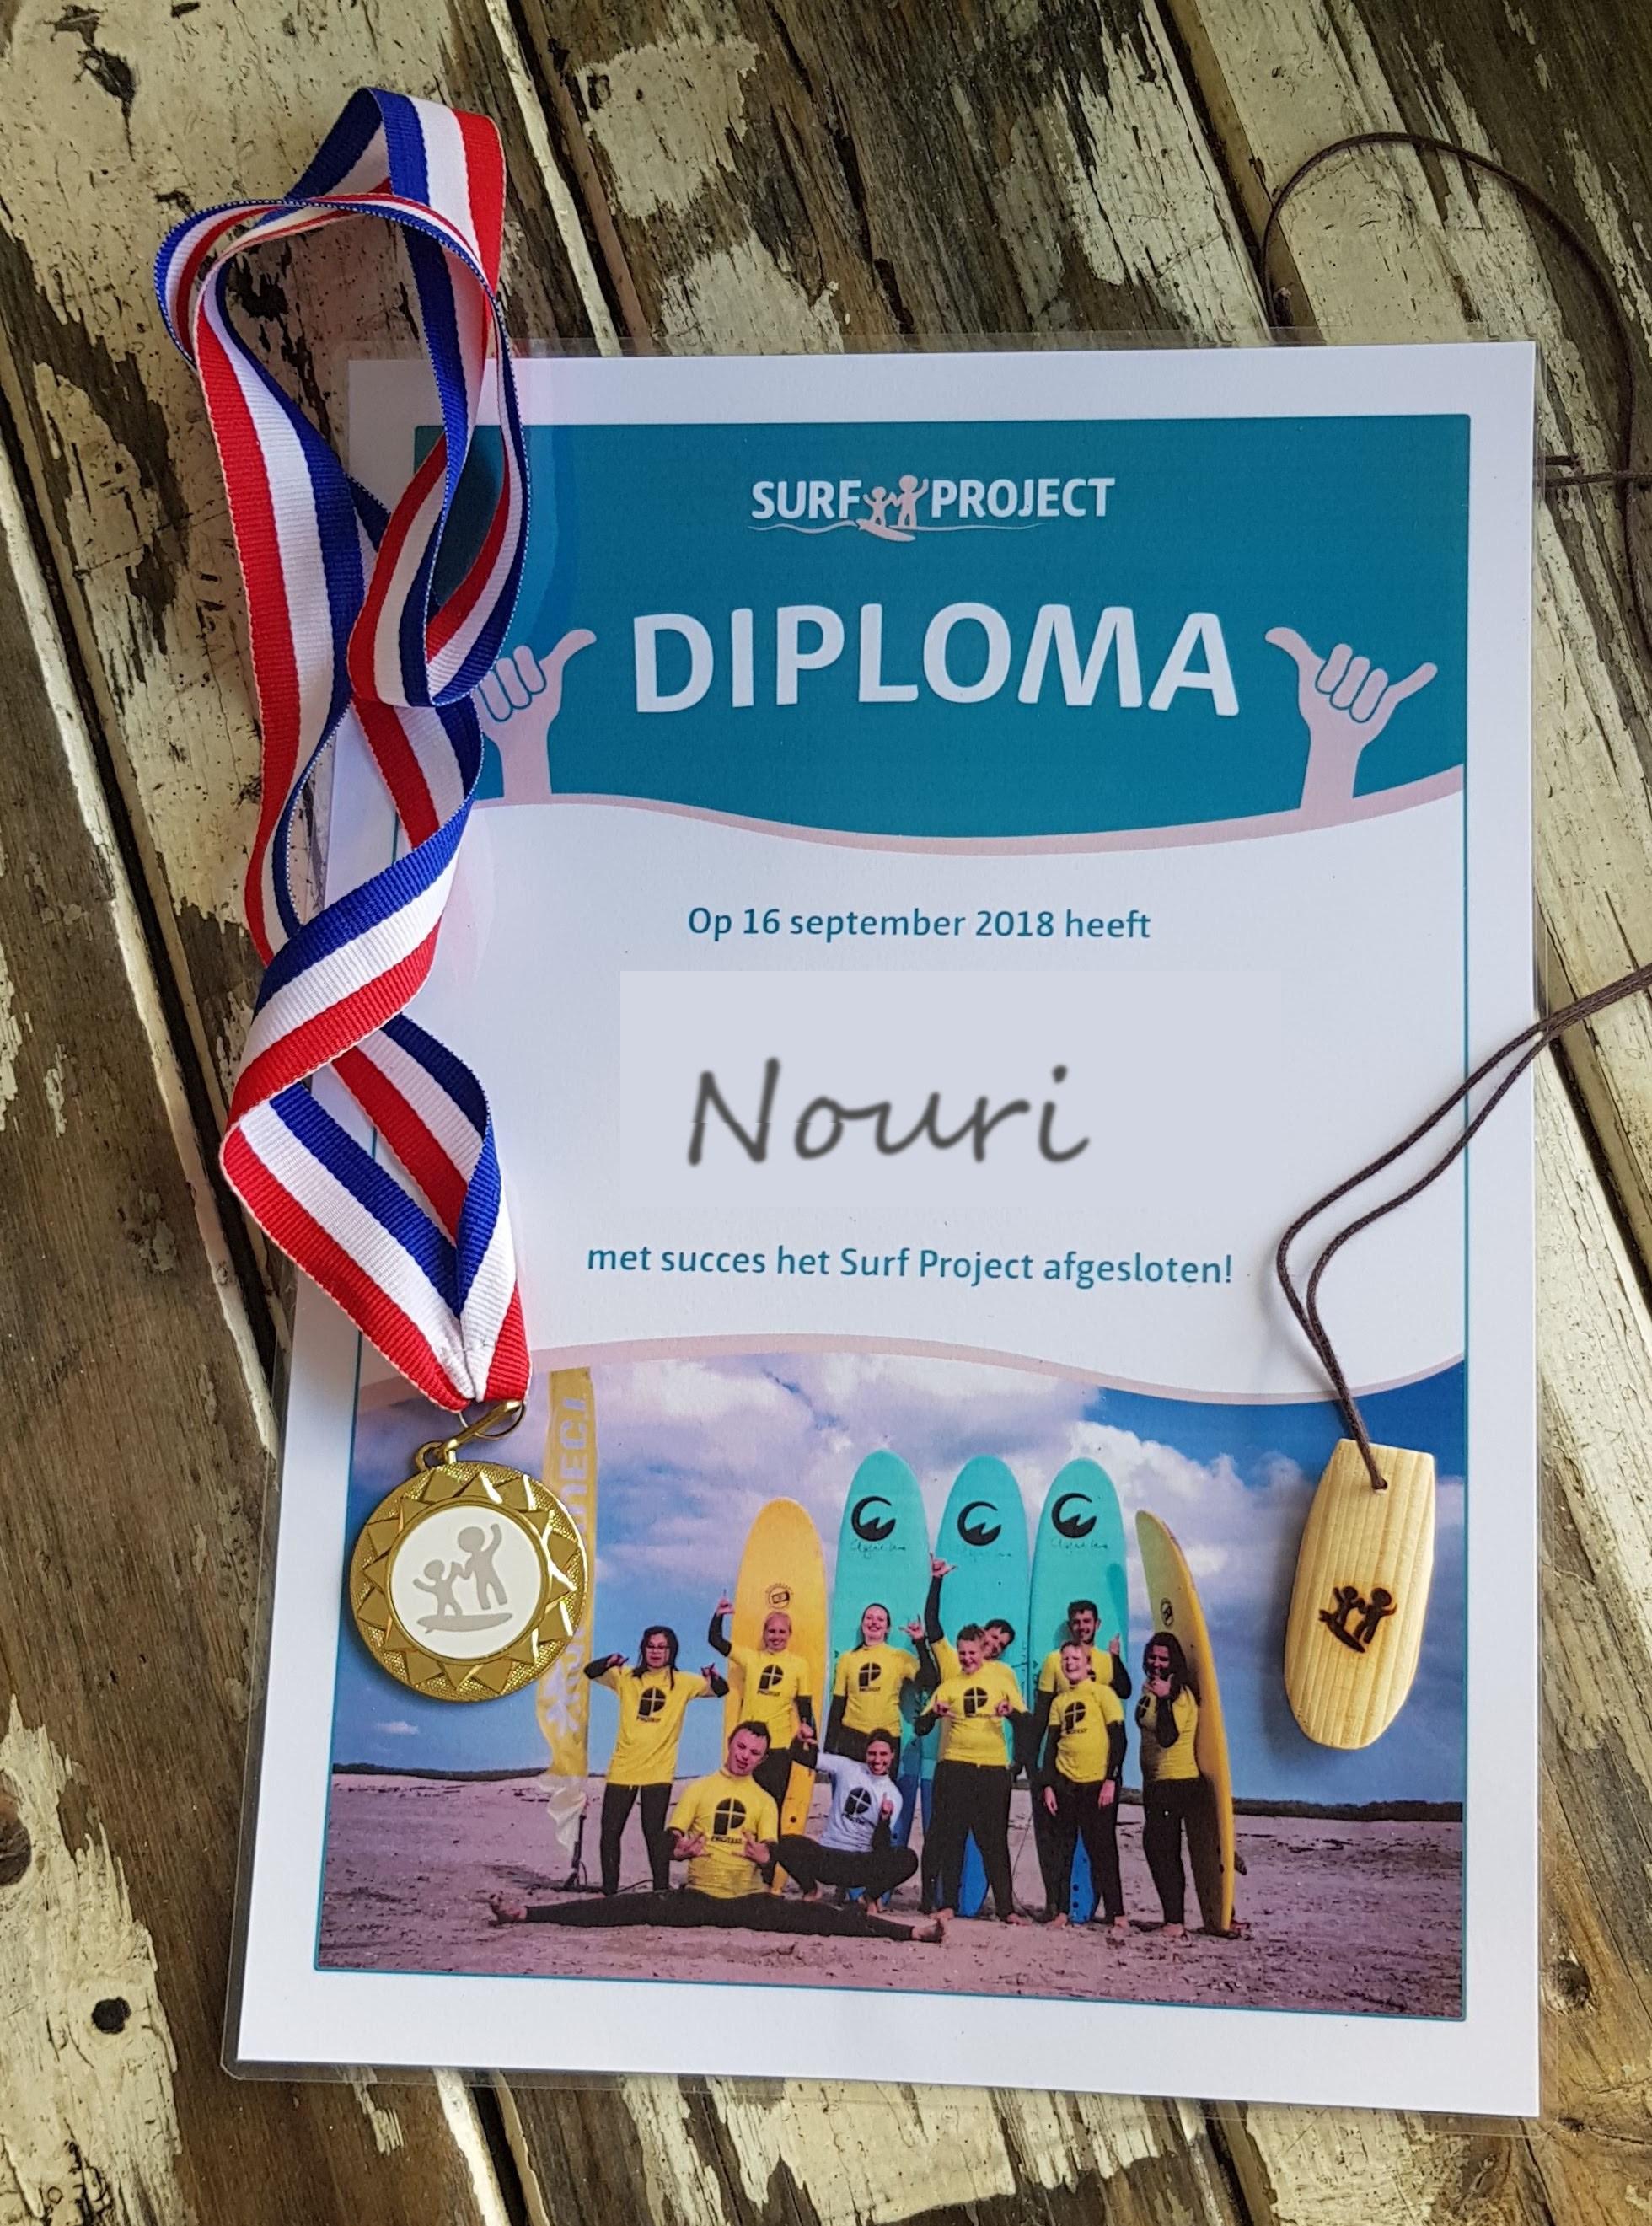 sp.dk.diplomaa